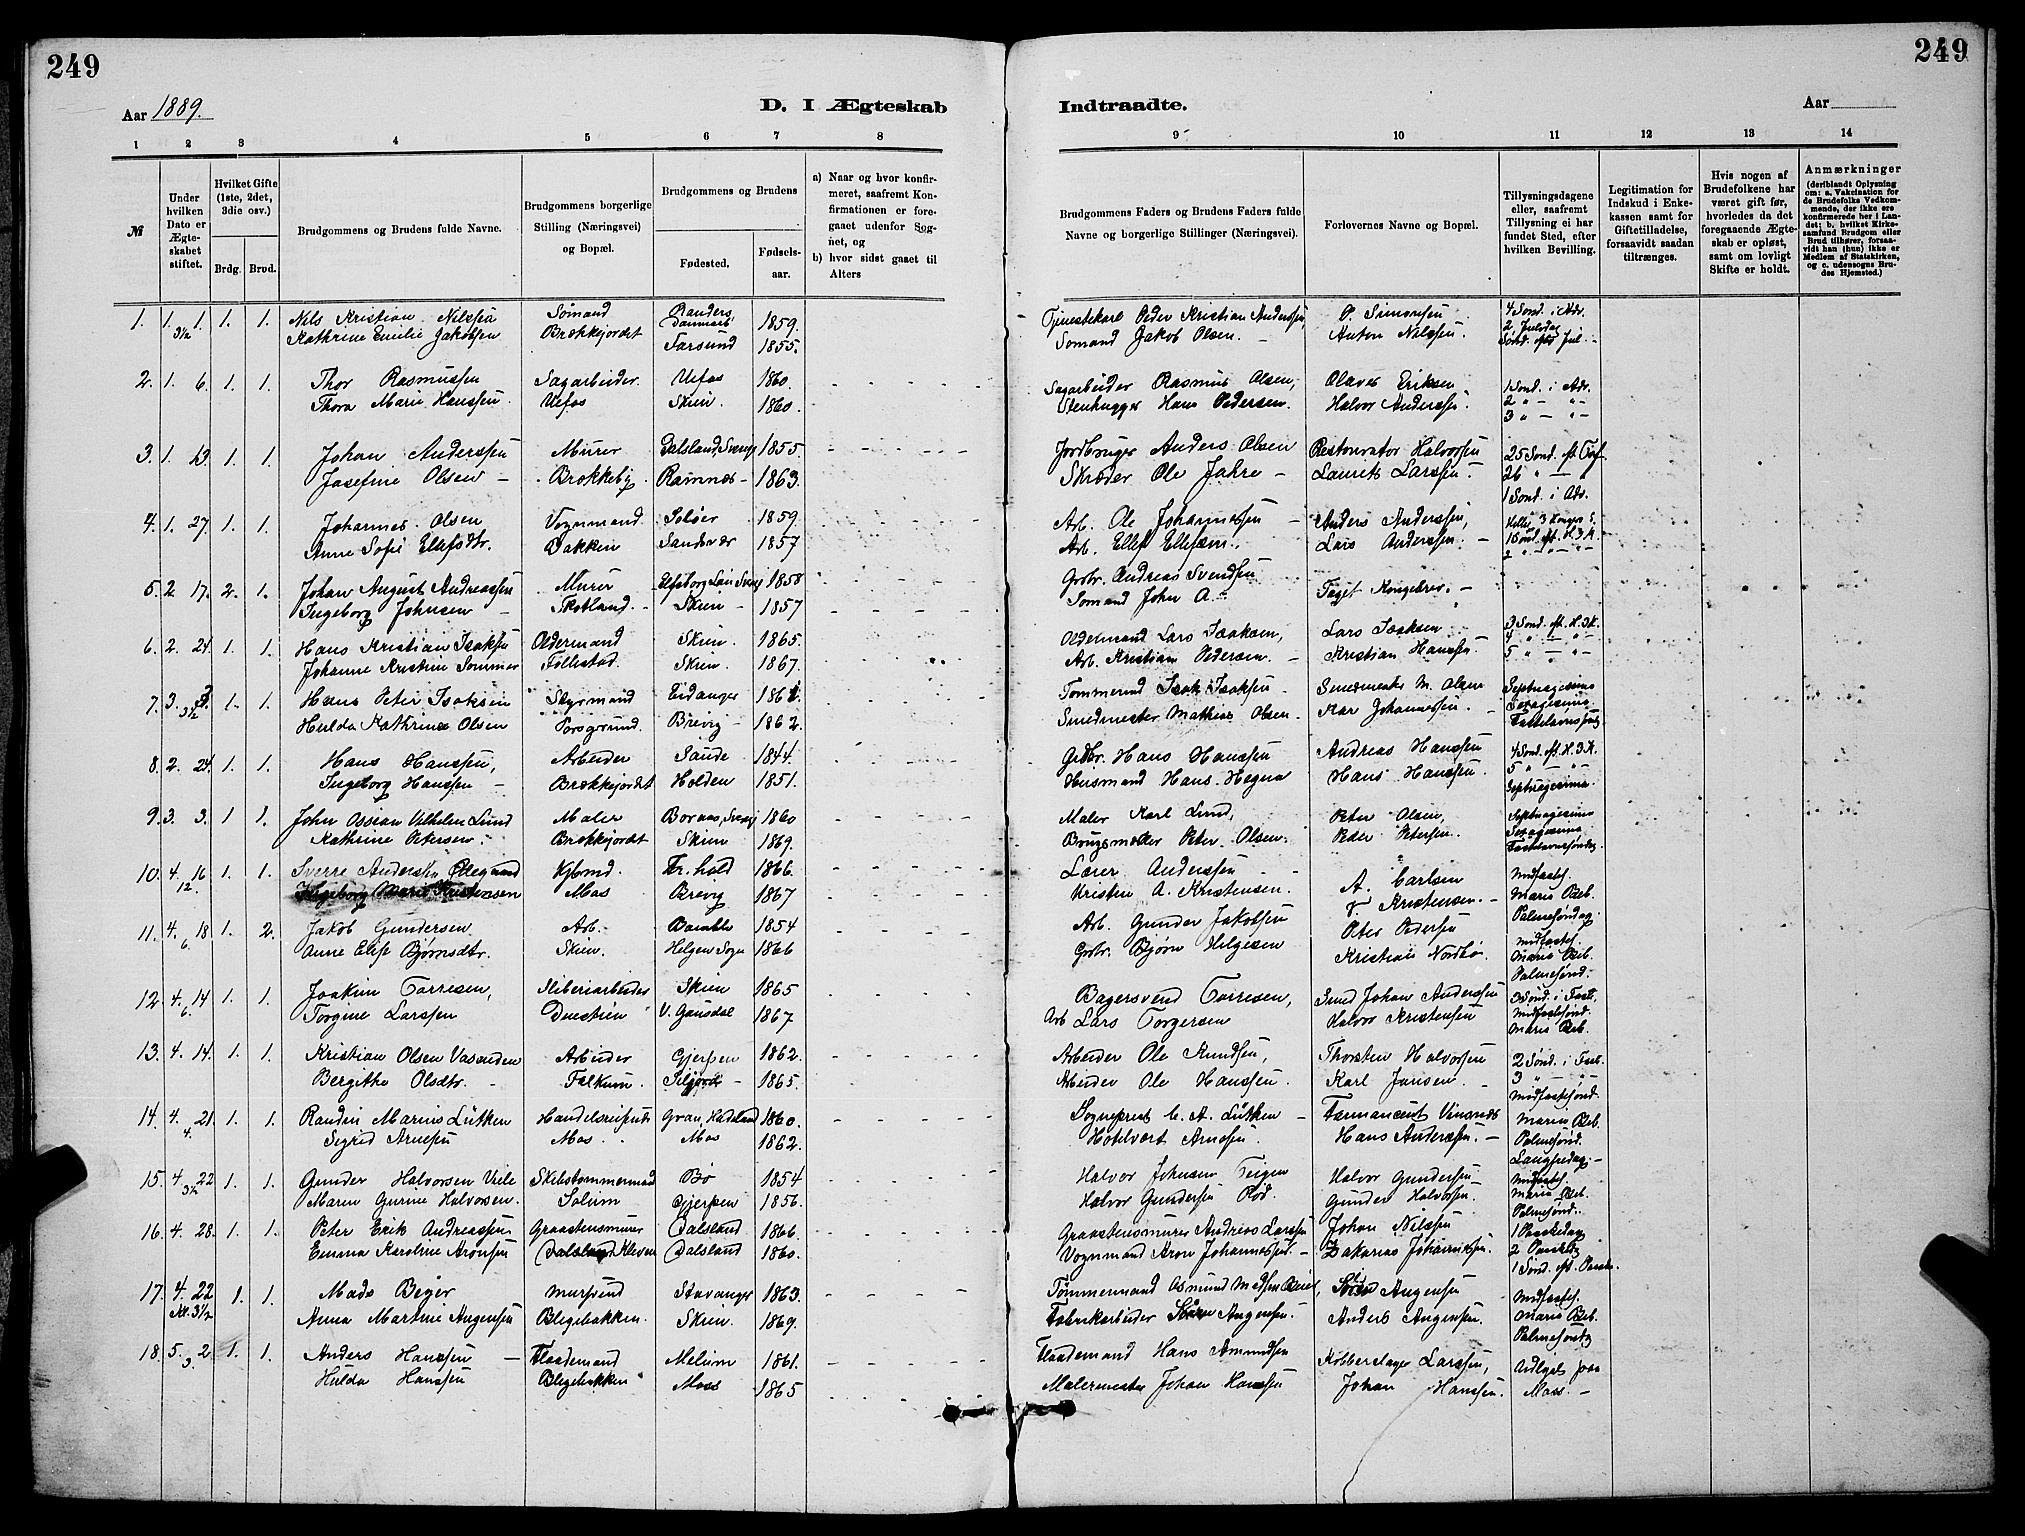 SAKO, Skien kirkebøker, G/Ga/L0006: Klokkerbok nr. 6, 1881-1890, s. 249